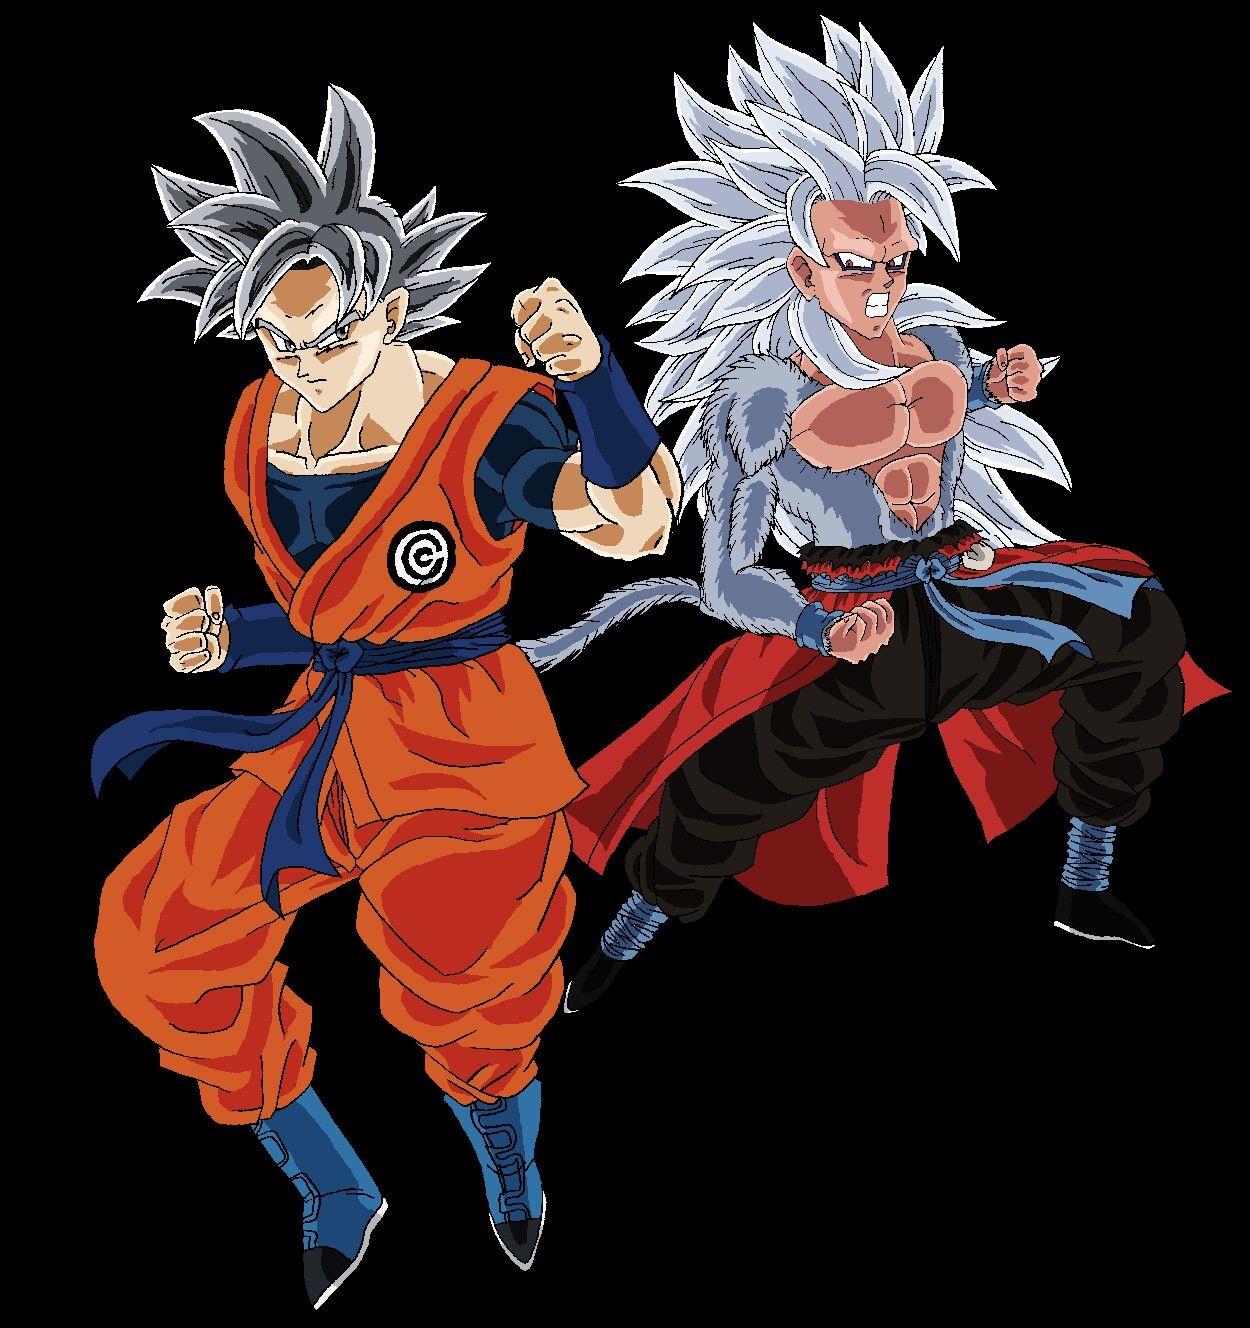 Goku Cc Mui Vs Xeno Goku Ssj5 Dragon Ball Super Manga Dragon Ball Super Goku Dragon Ball Super